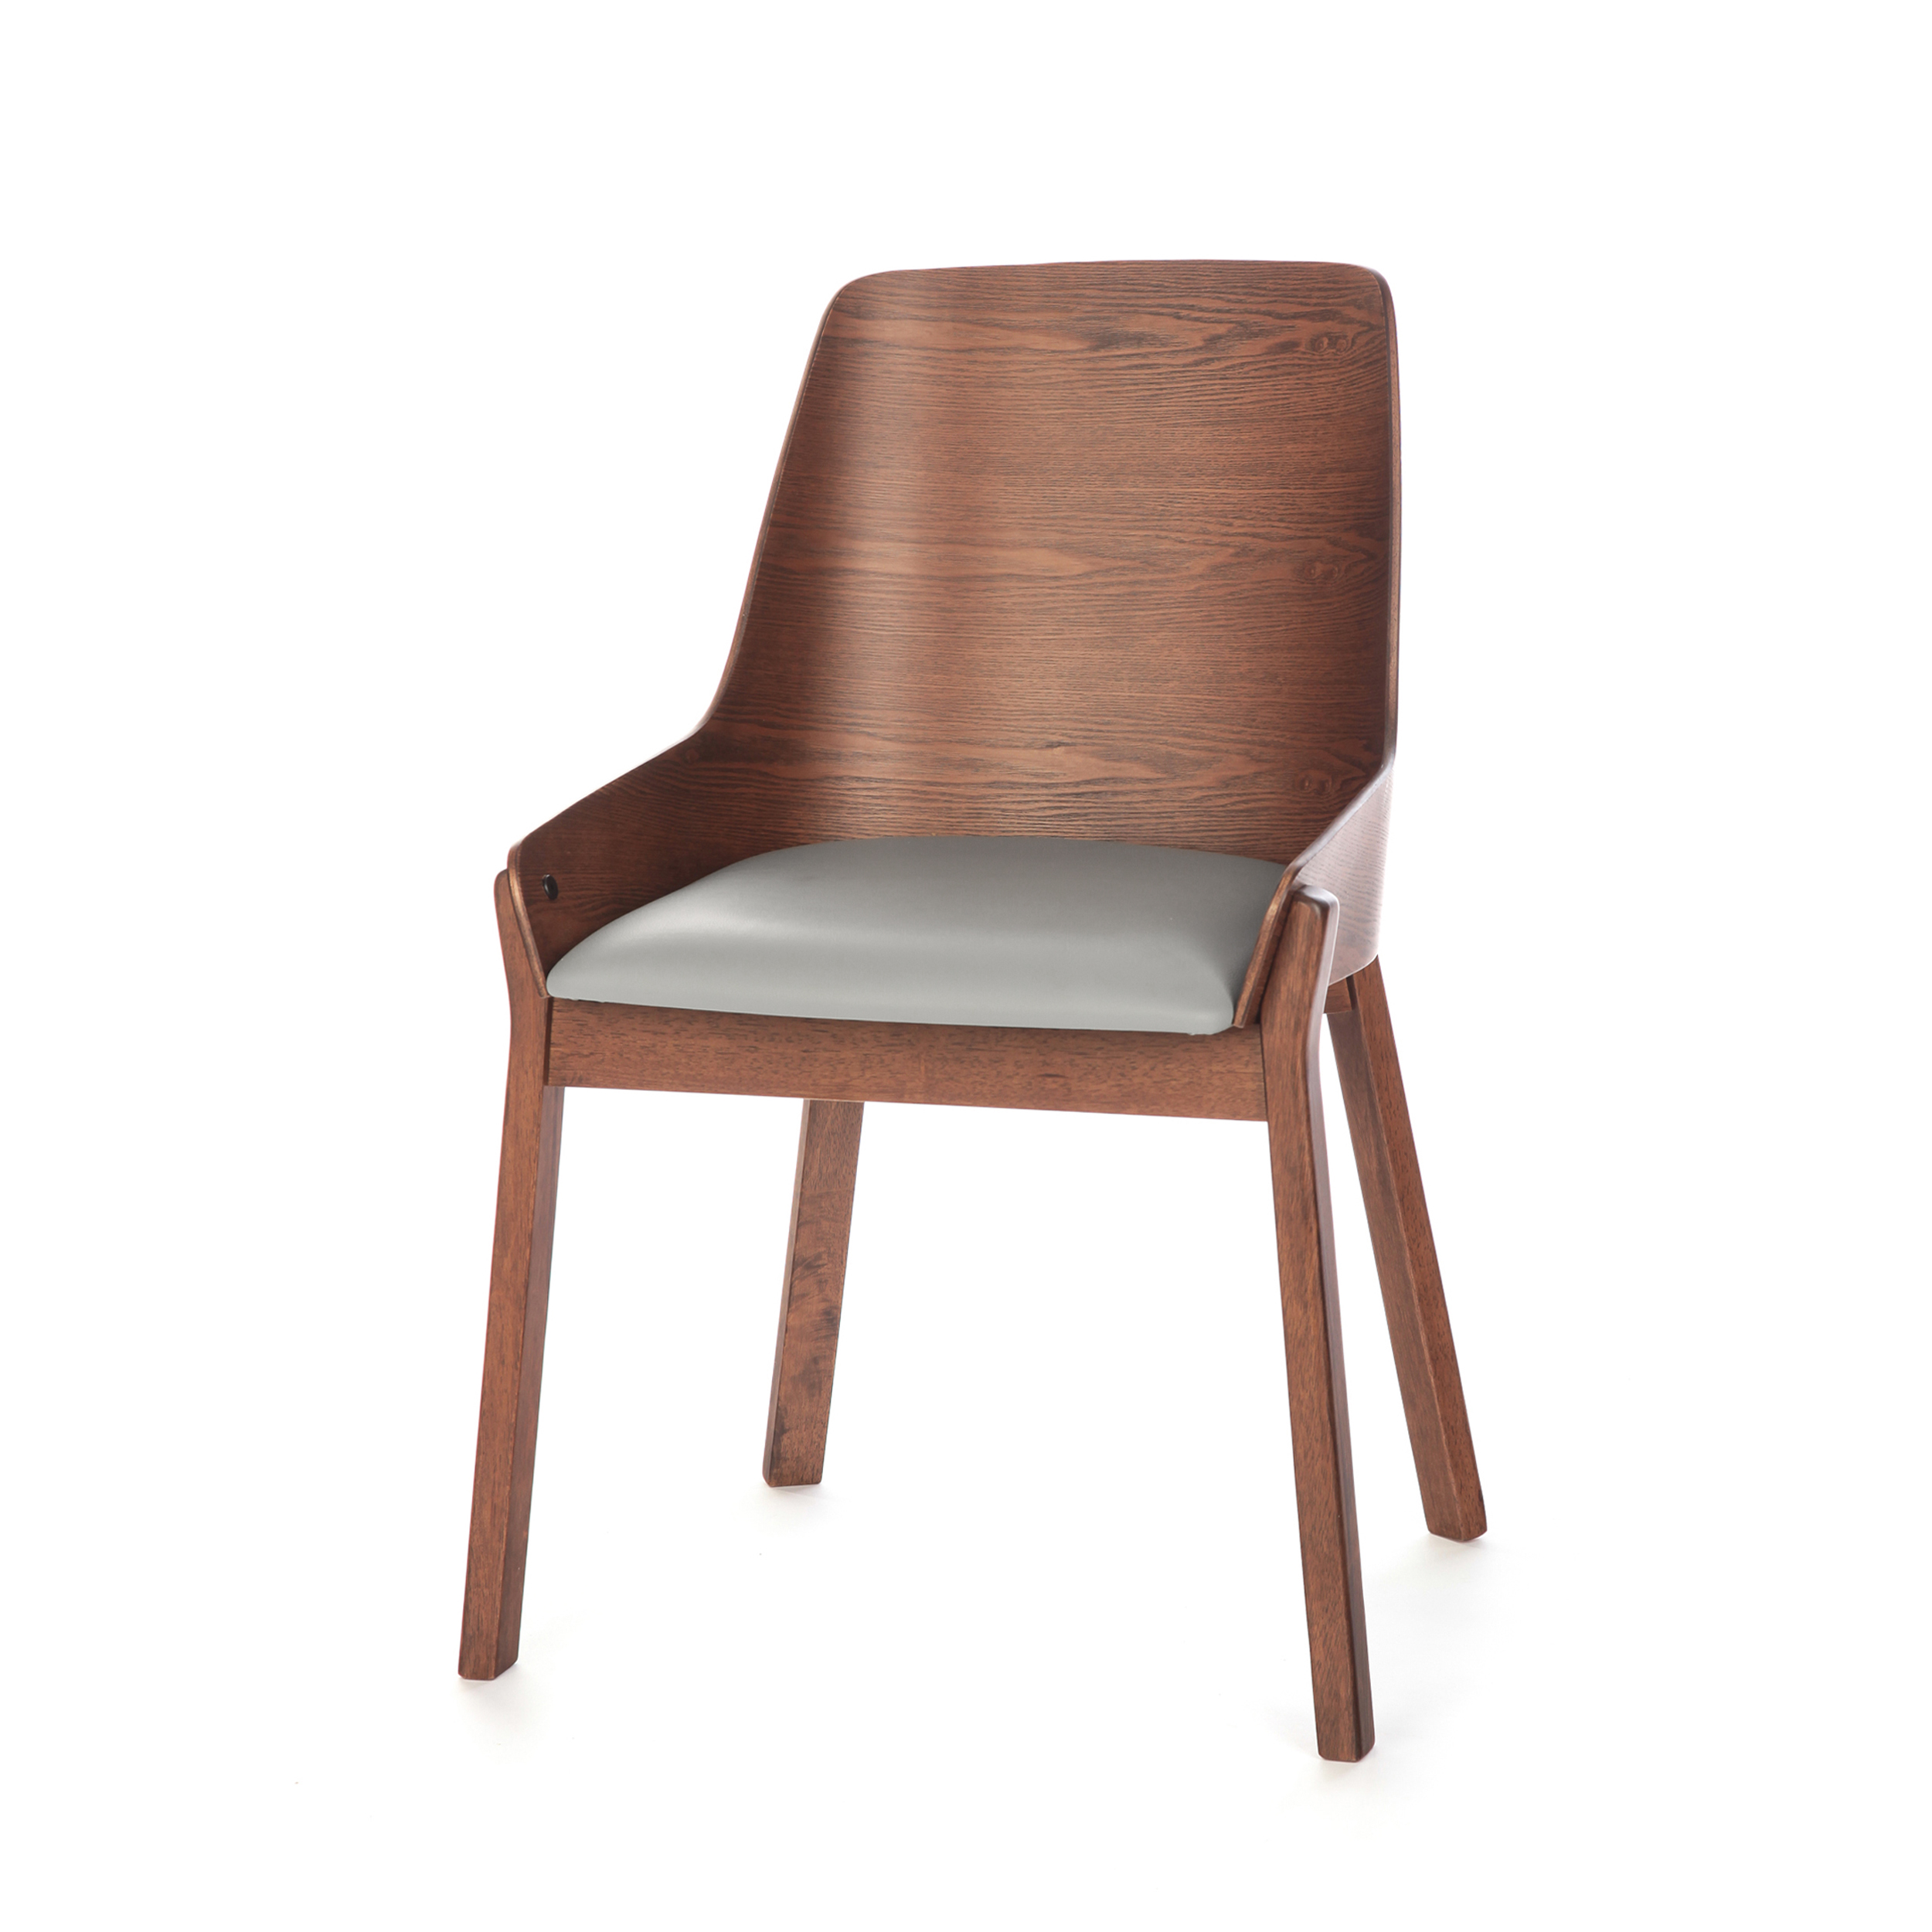 Стул Safia с мягким сиденьем купить в интернет-магазине дизайнерской мебели Cosmorelax.Ru